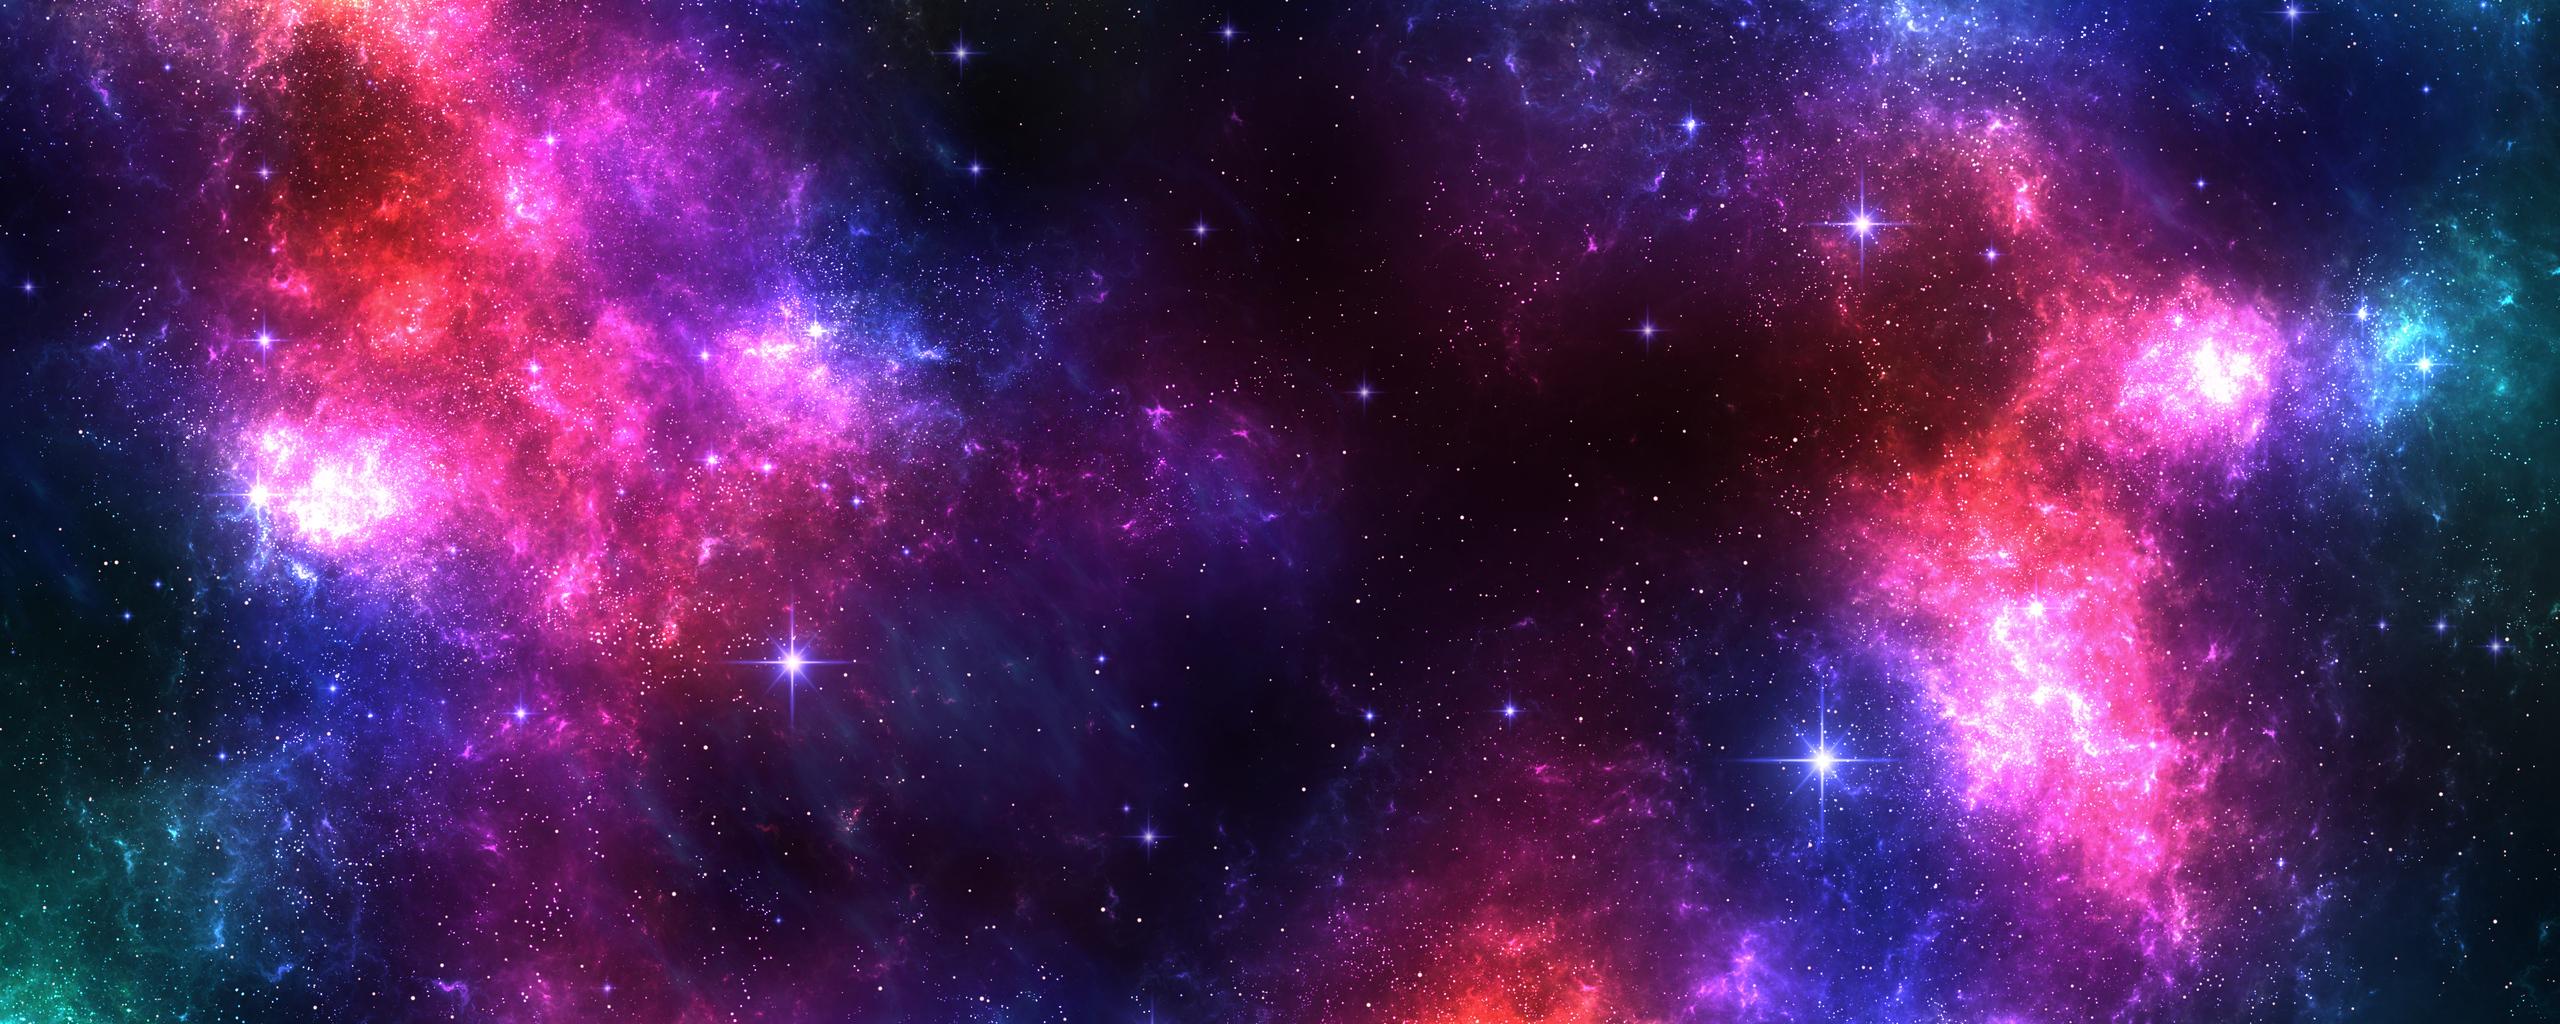 space-scape-colourverse-4k-3x.jpg